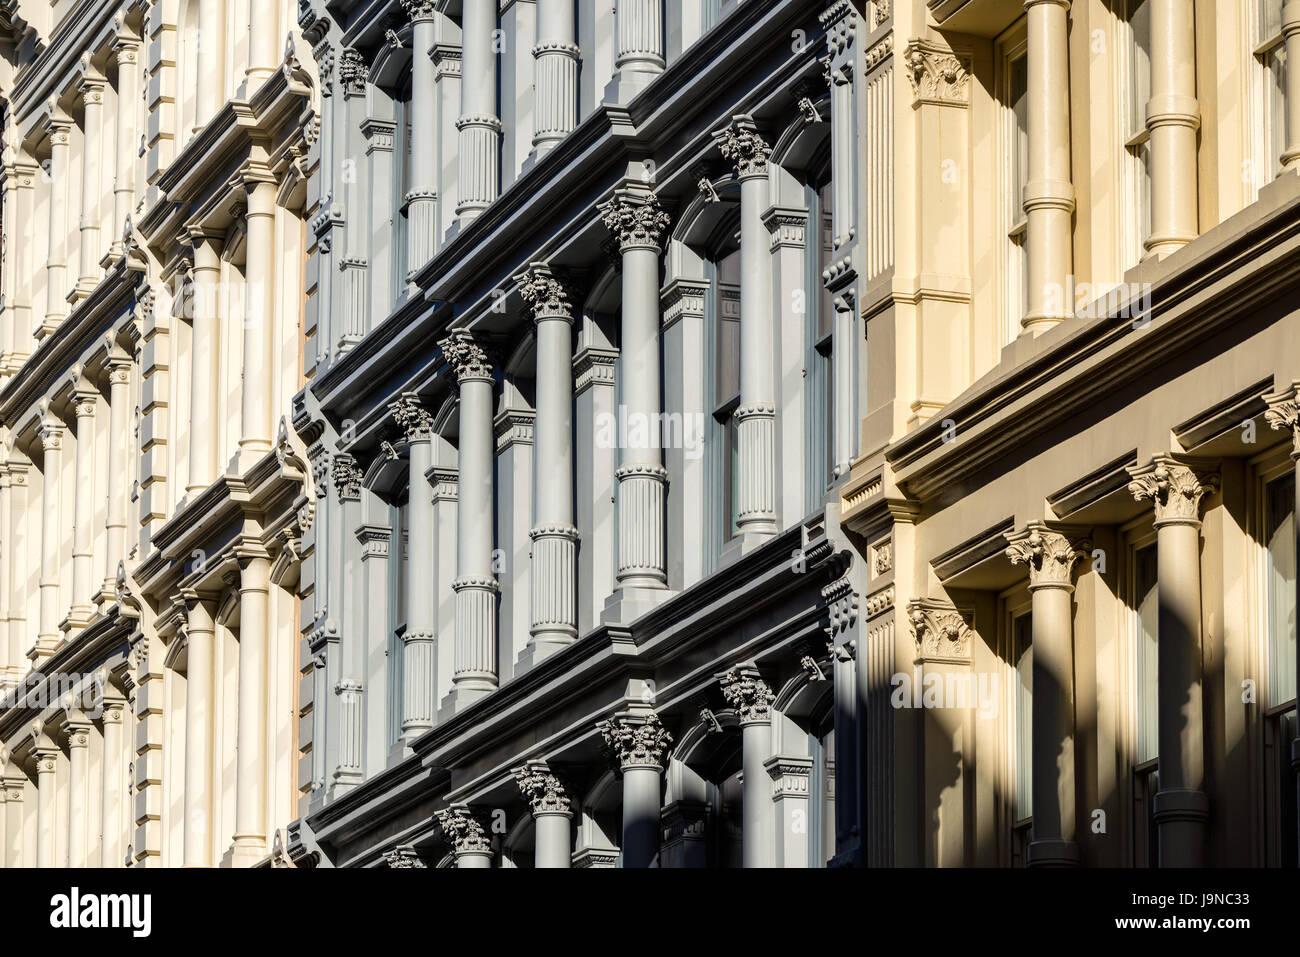 Gusseiserne Fassaden und Verzierungen. 19. Jahrhundert Gebäude in Manhattan Soho Nachbarschaft. New York City Stockbild